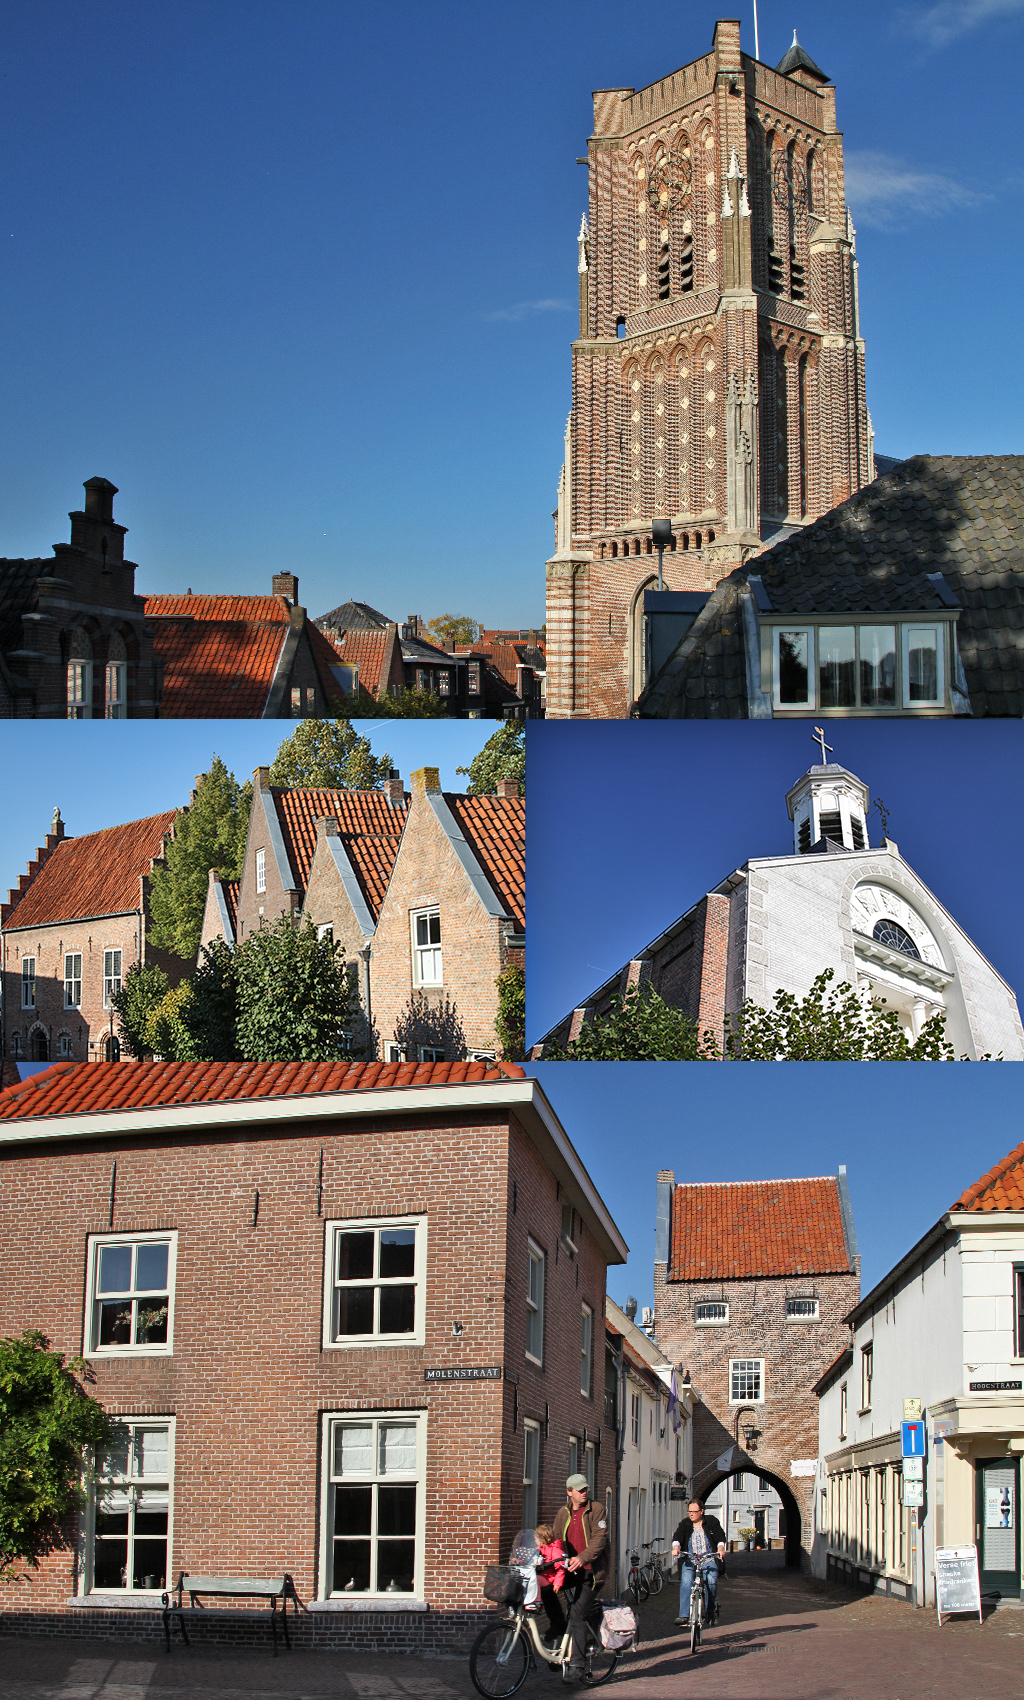 Hollandse Waterlinie Woudrichem